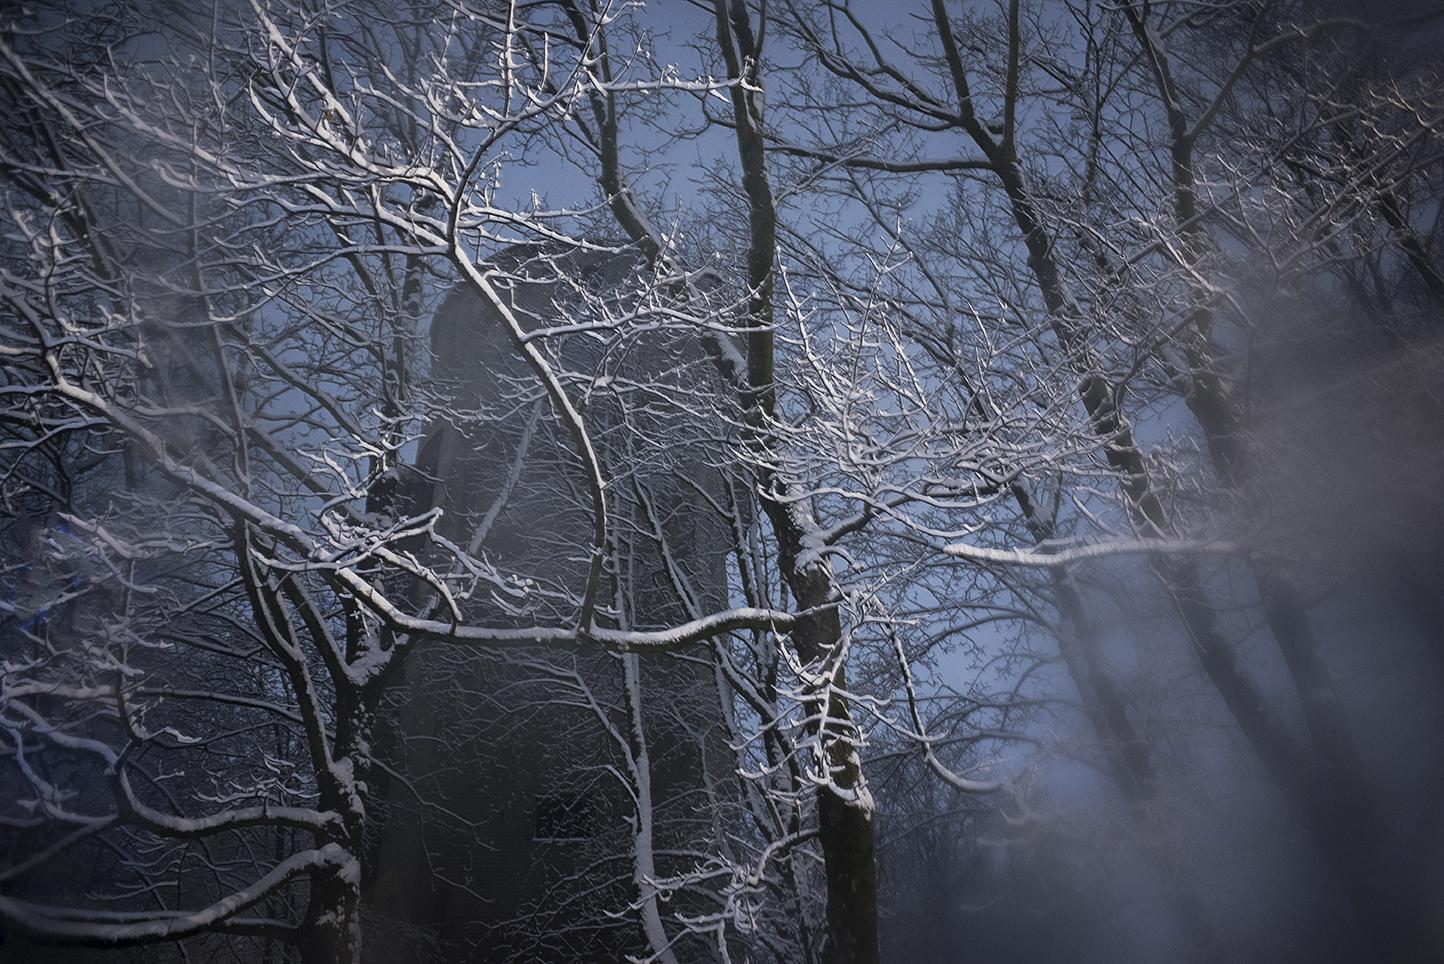 MILUNA-Ewa-Milun-Walczak-Zima-snieg-Piastow-plener-opady-biel-magia-zimy-zimno-chlod-piekno-Pod-pierzyna-7